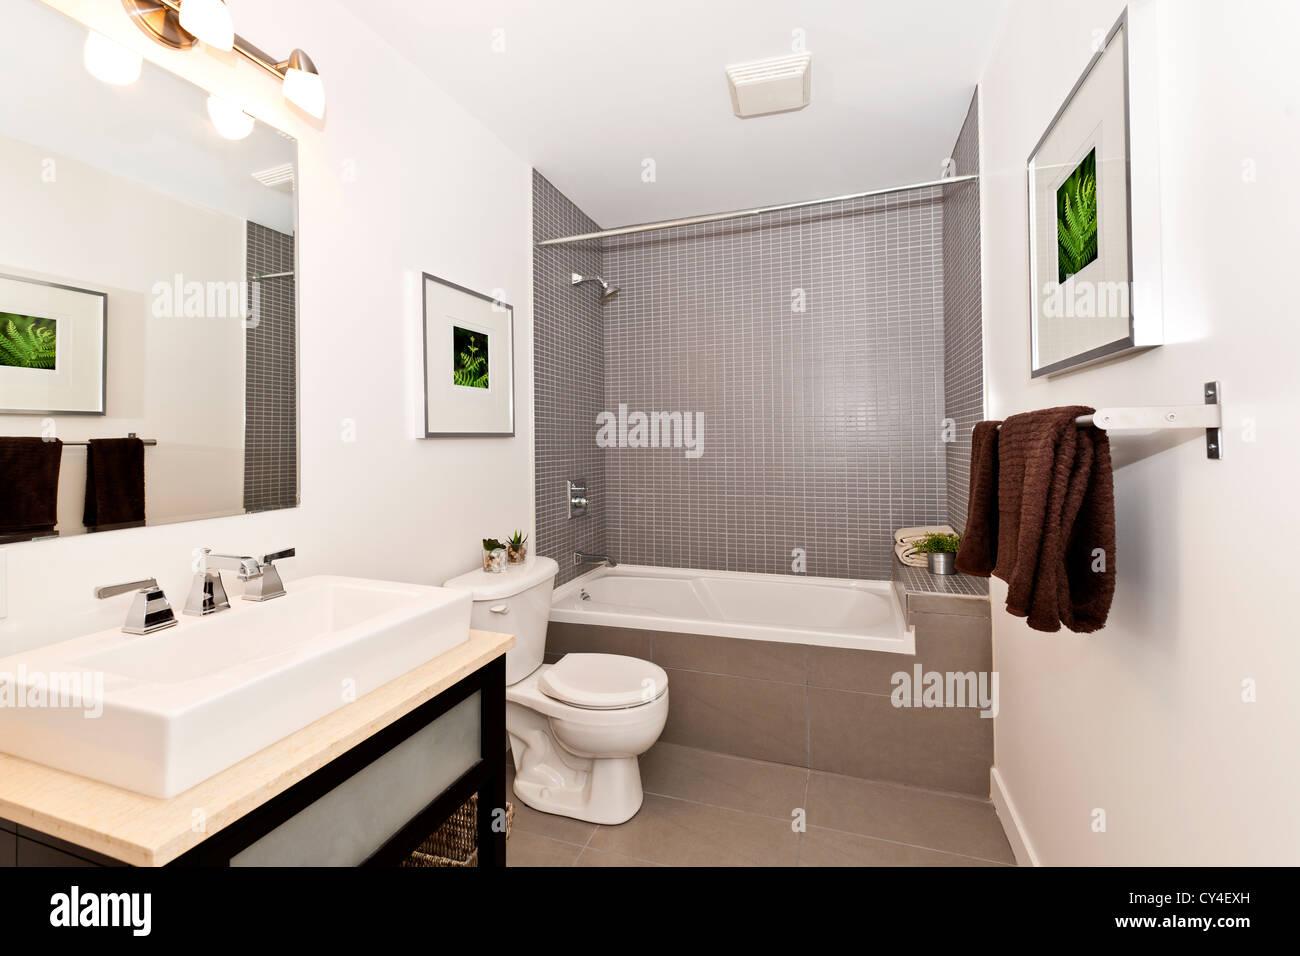 Innen drei Stück Badezimmer - Kunstwerke an Wänden sind vom Fotografen-portfolio Stockbild